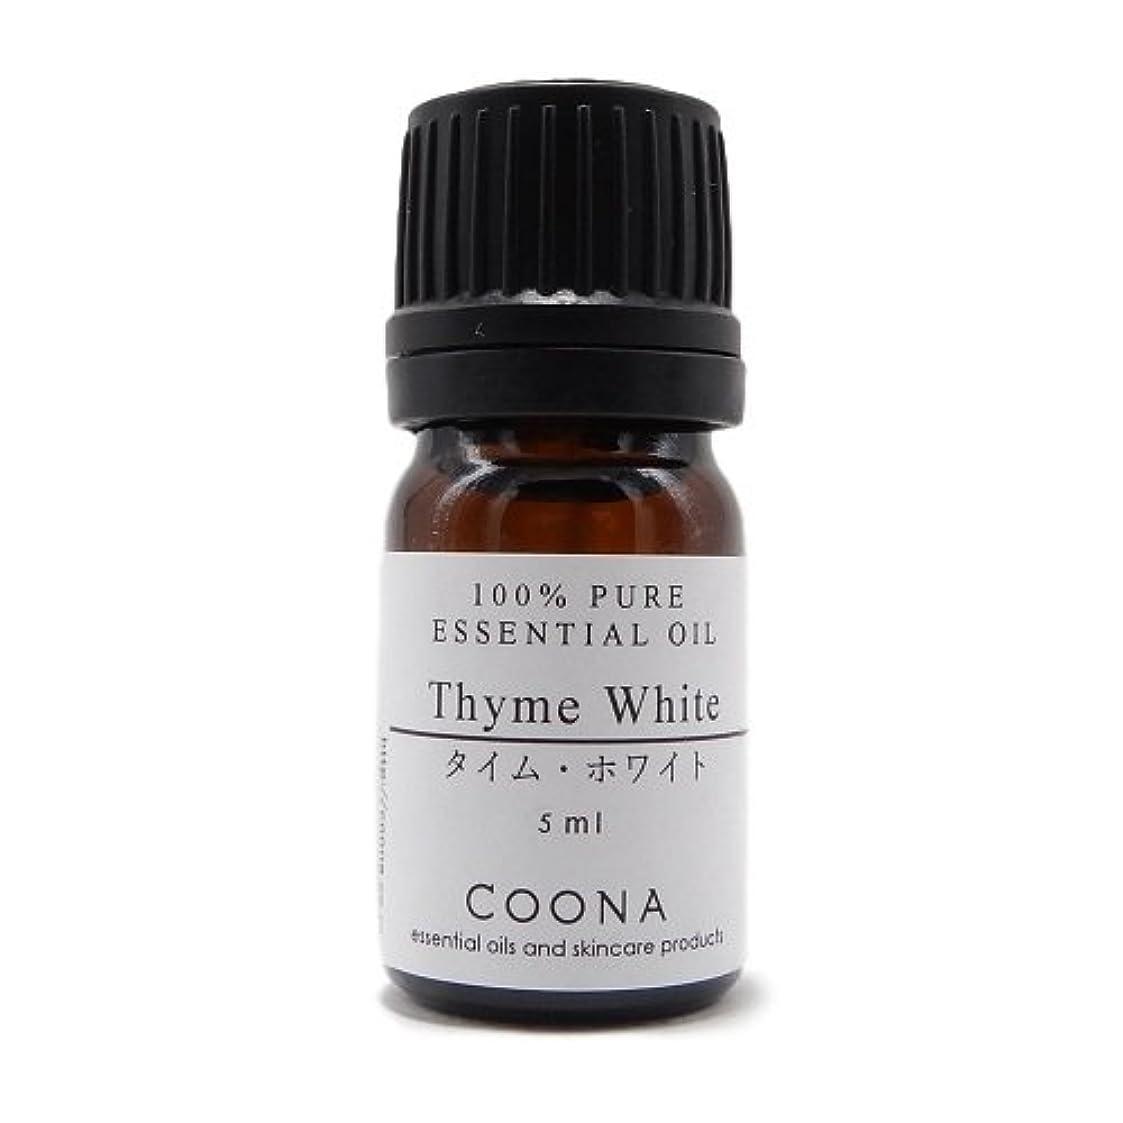 マスタード計算可能ボイドタイム ホワイト 5 ml (COONA エッセンシャルオイル アロマオイル 100%天然植物精油)